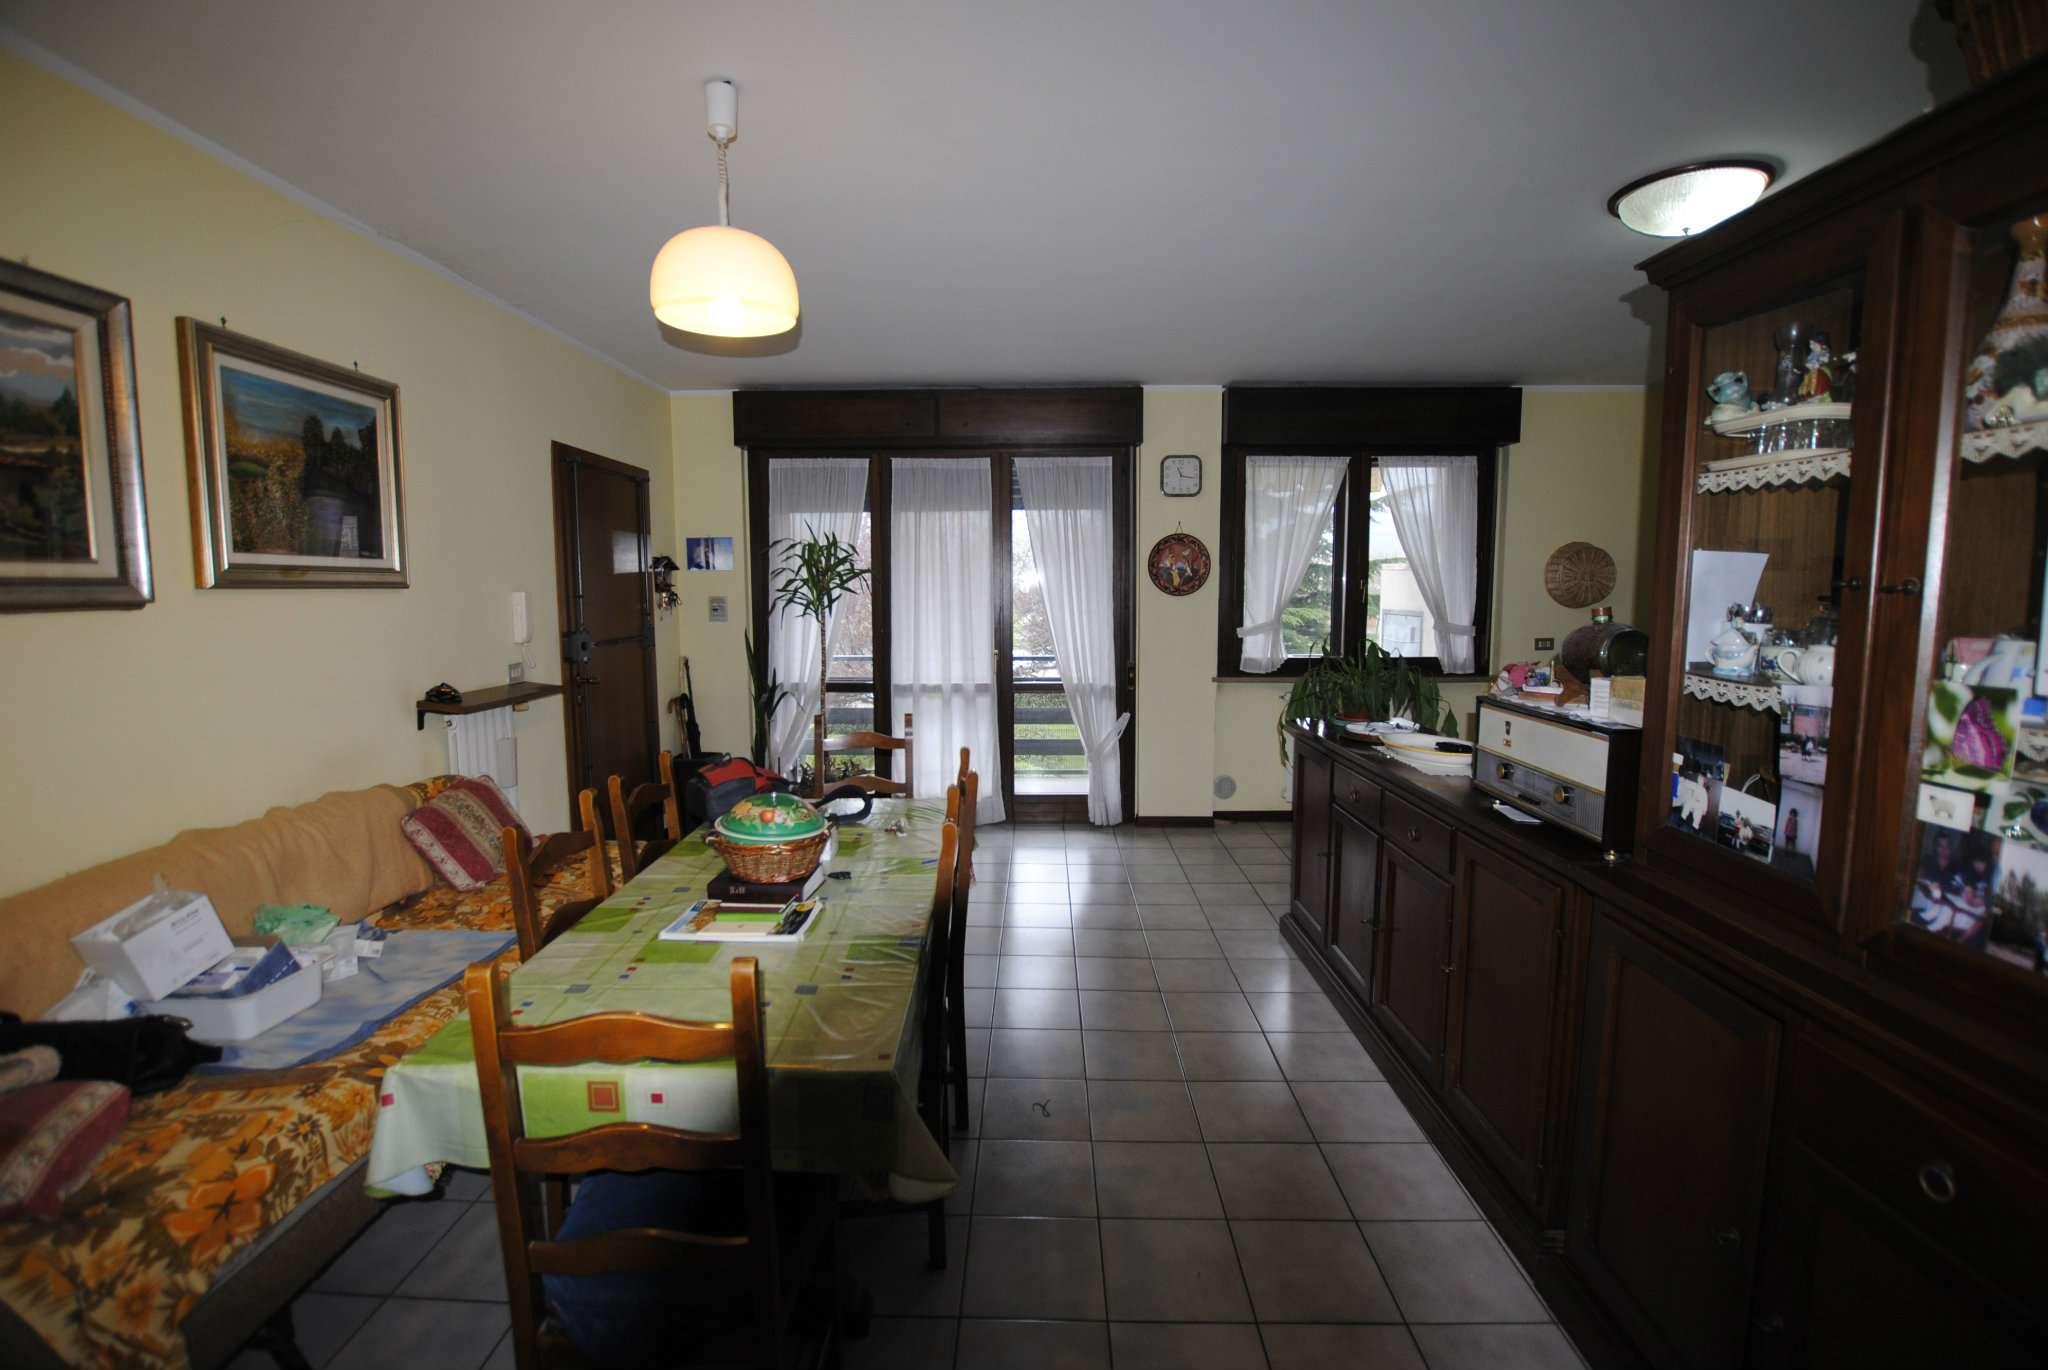 Appartamento in vendita a Susa, 3 locali, prezzo € 98.800 | CambioCasa.it